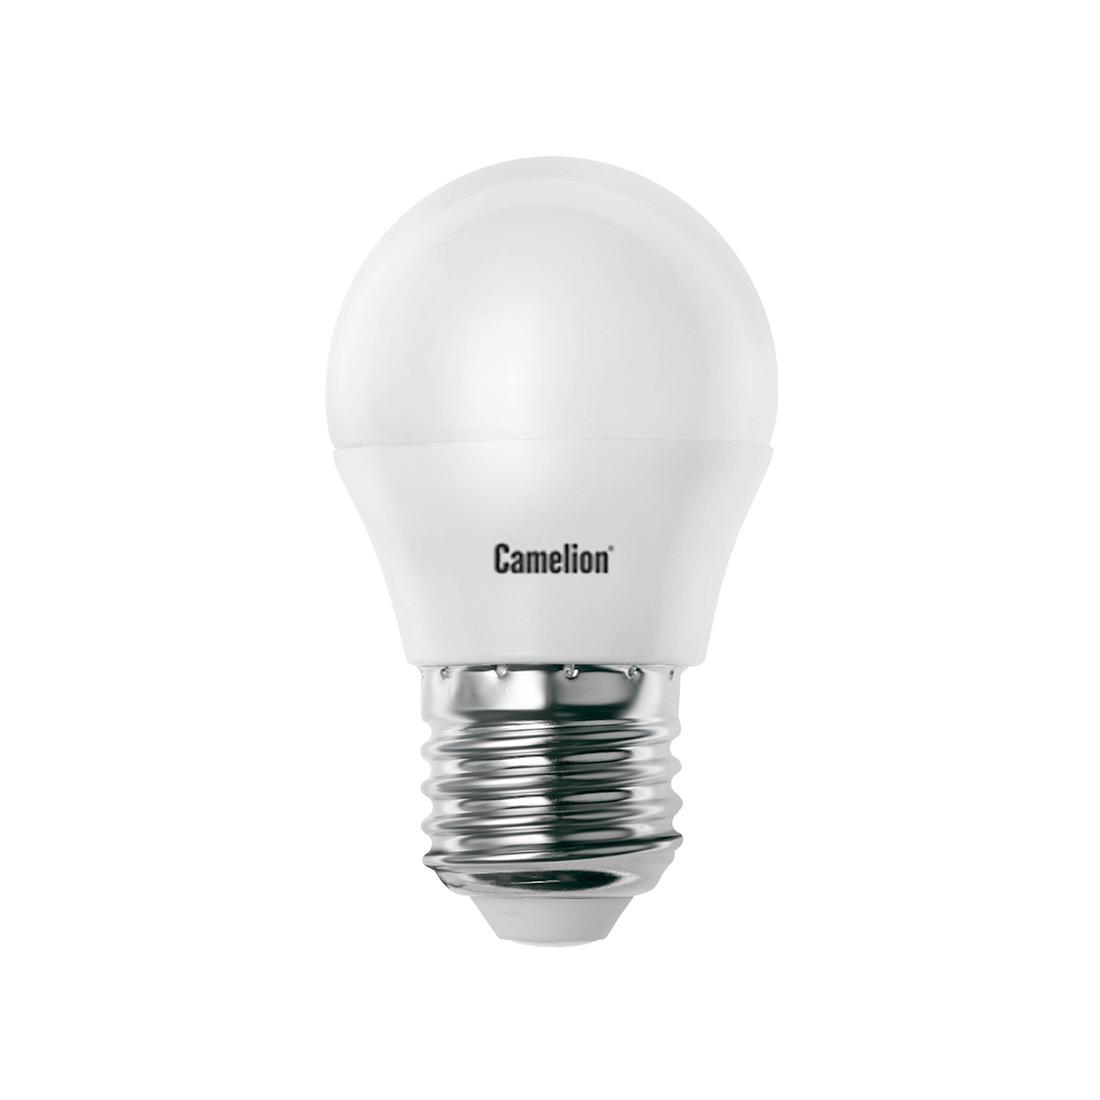 Эл. лампа светодиодная, Camelion, LED7-G45/845/E27